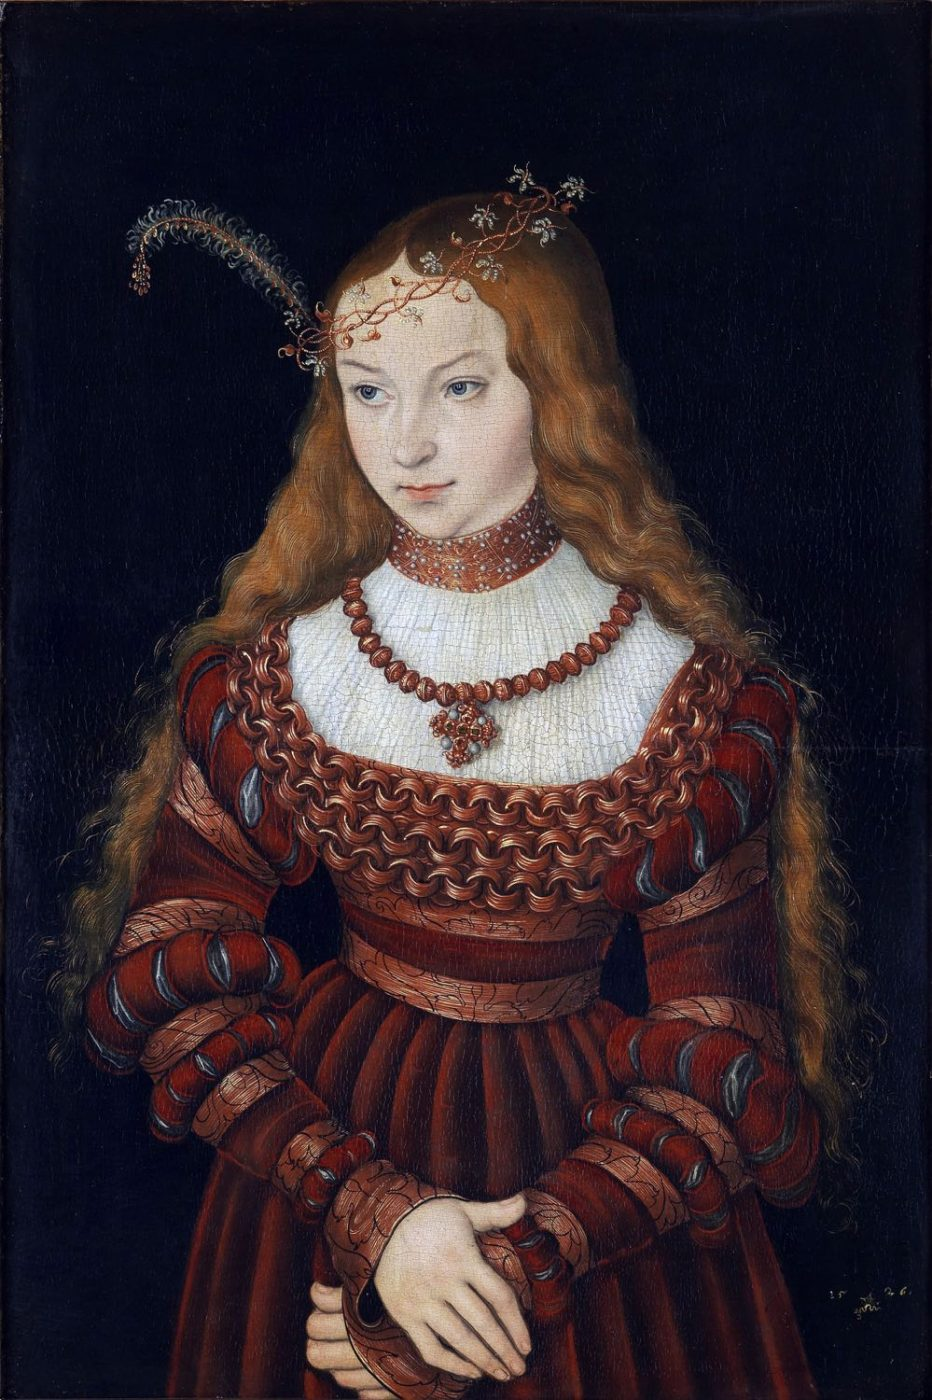 Sibylle, Cleves, Lucas, Cranach, portrait, renaissance, costume